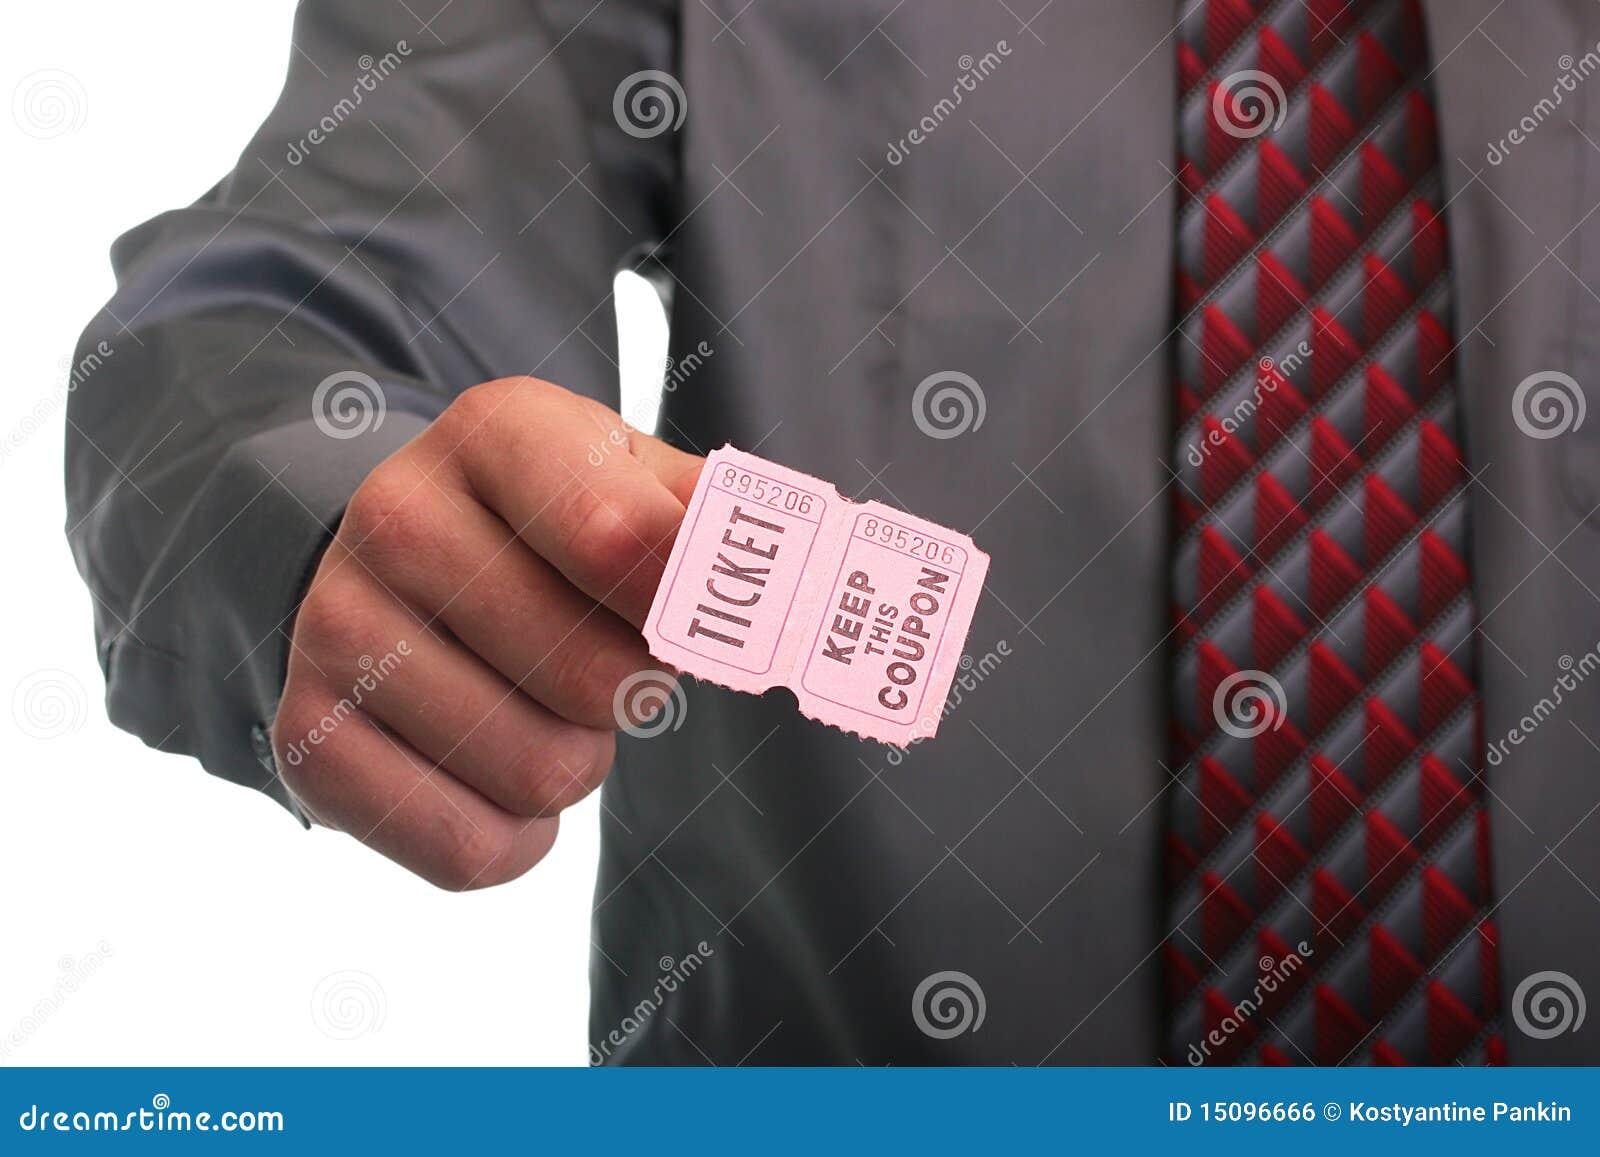 Kaartje met coupon